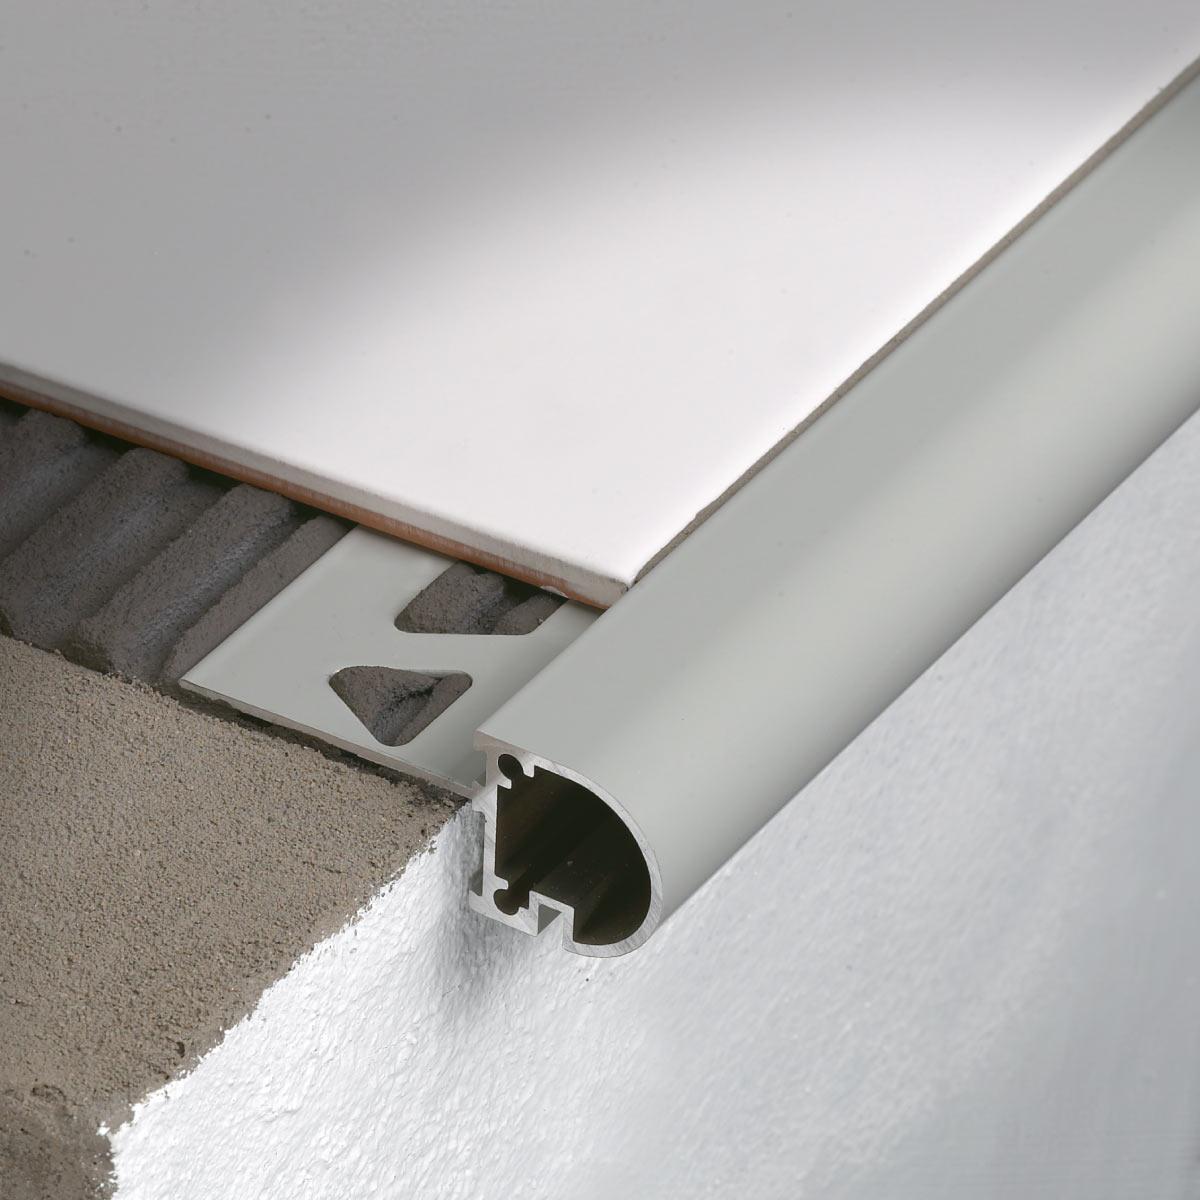 Terrazze Bordi di protezione per balconi Profilitec